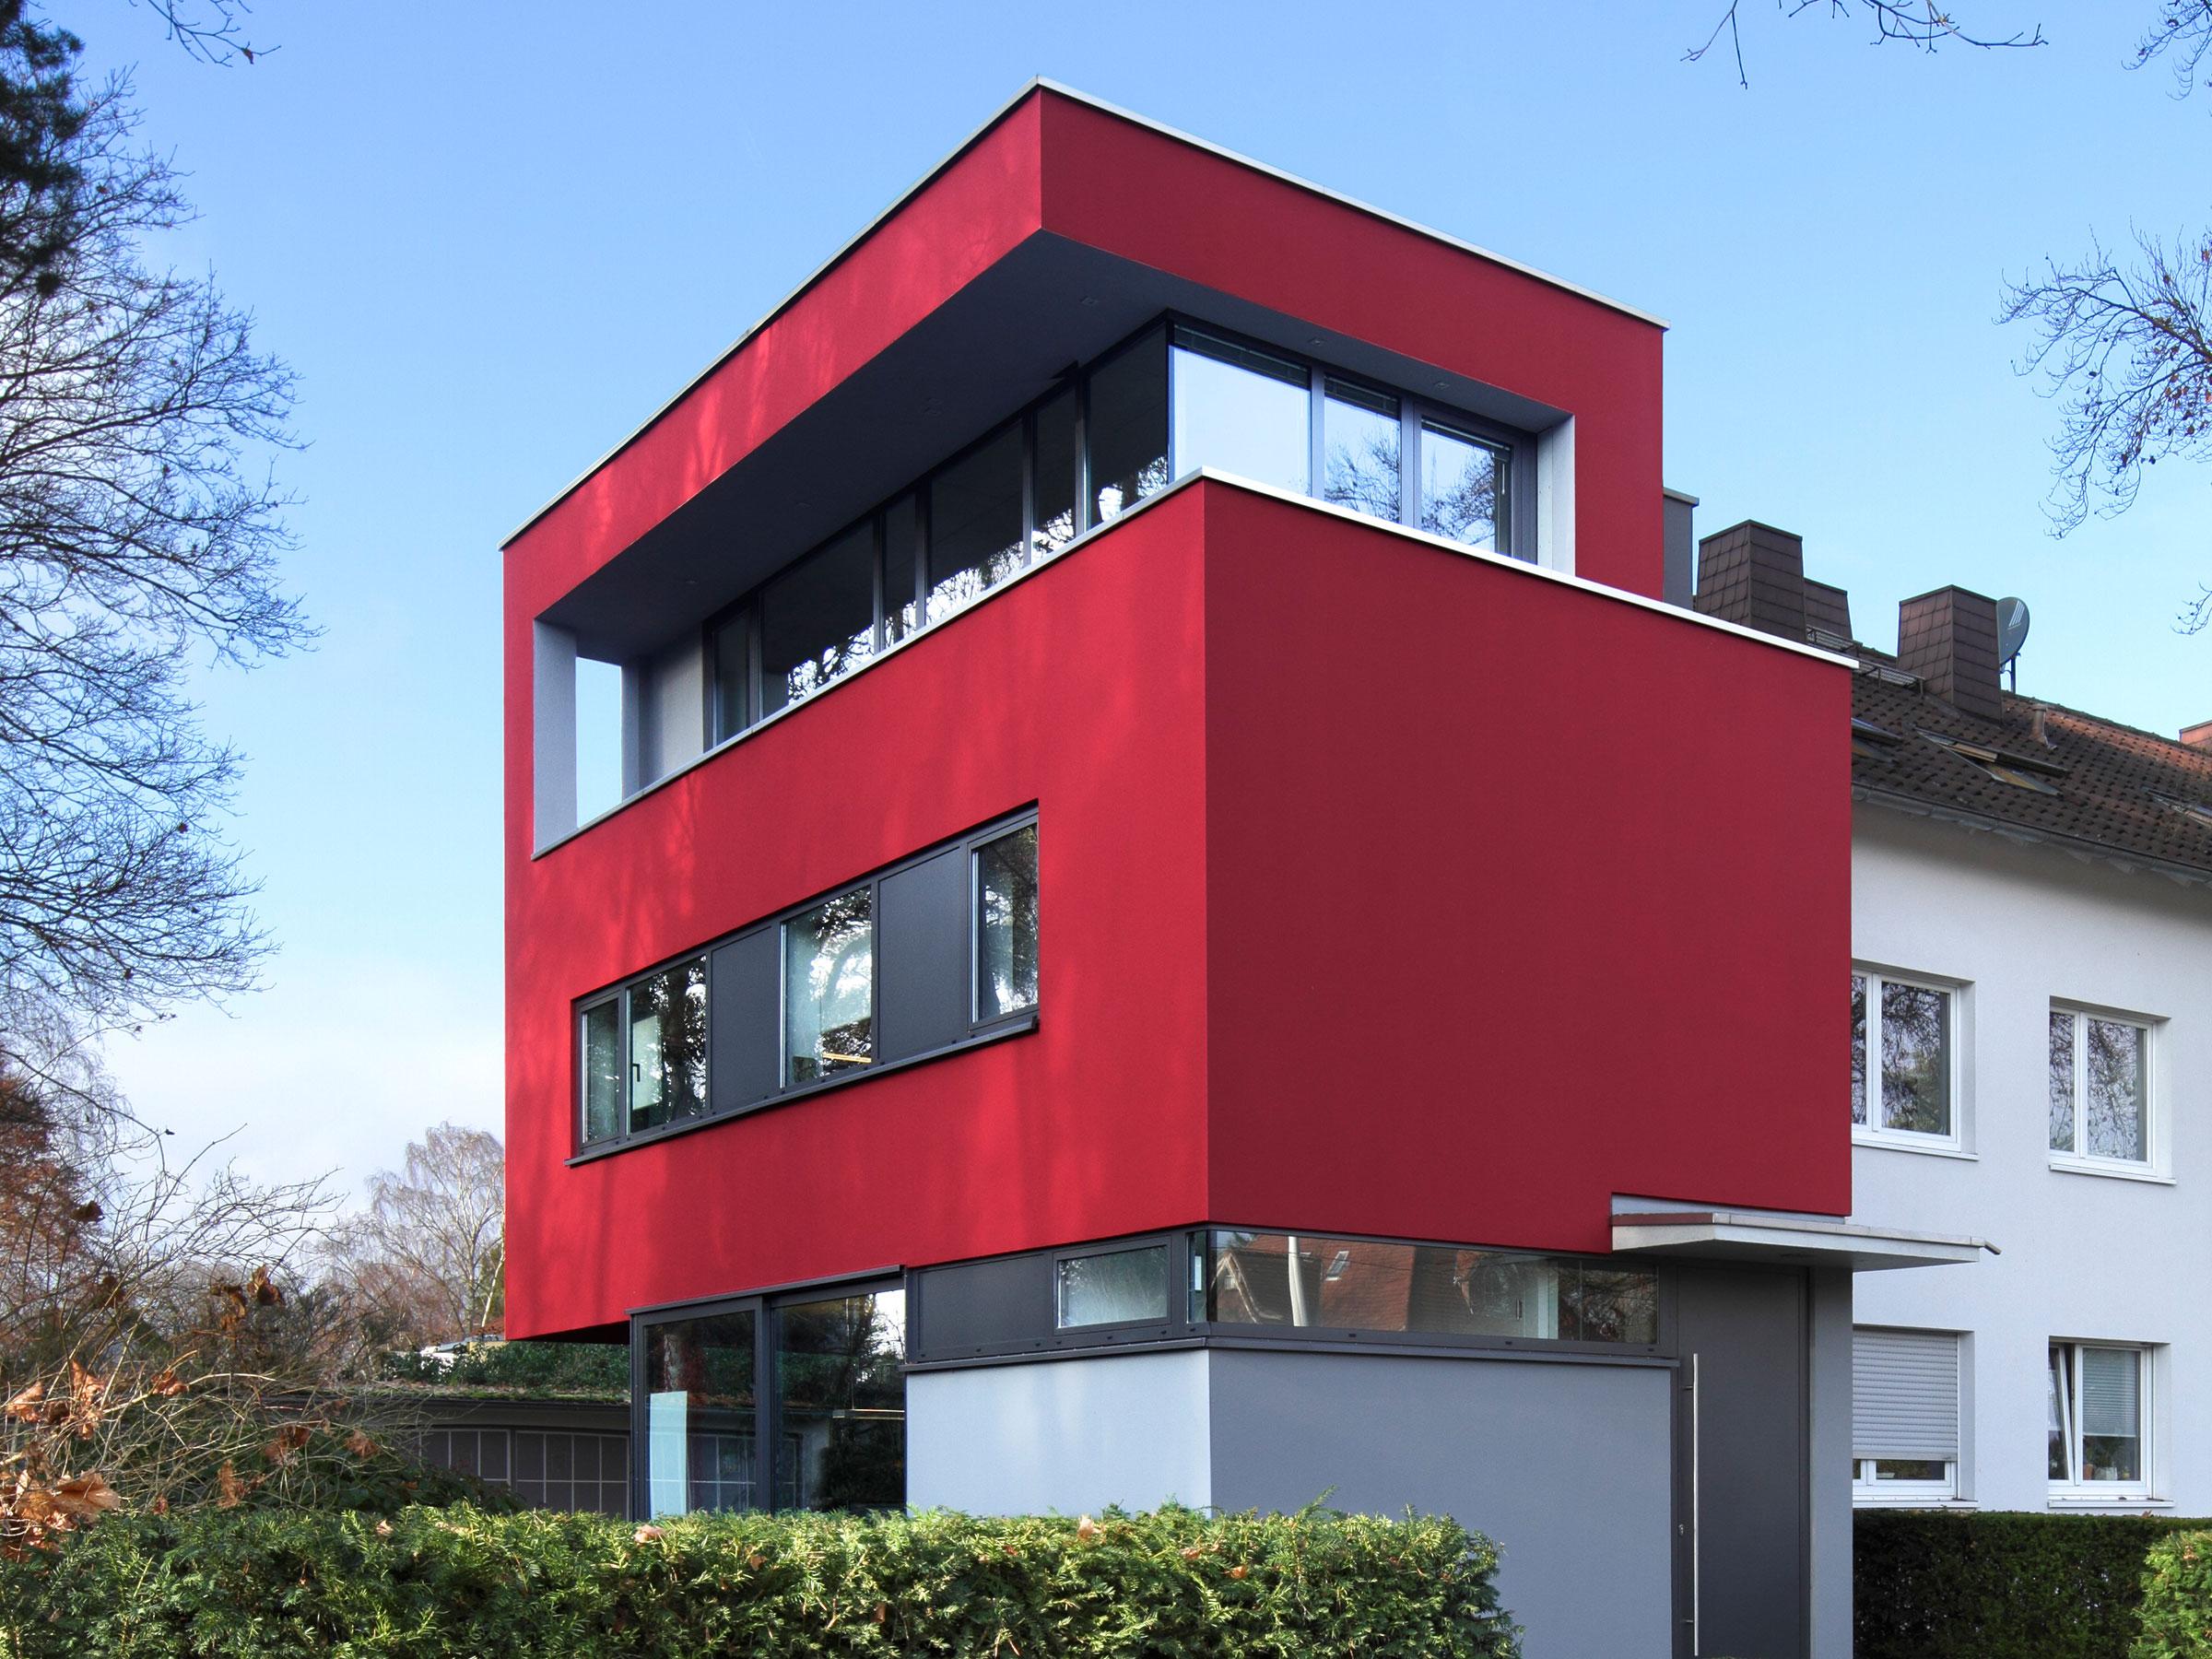 Architekt Finden kontakt gerhard architekten